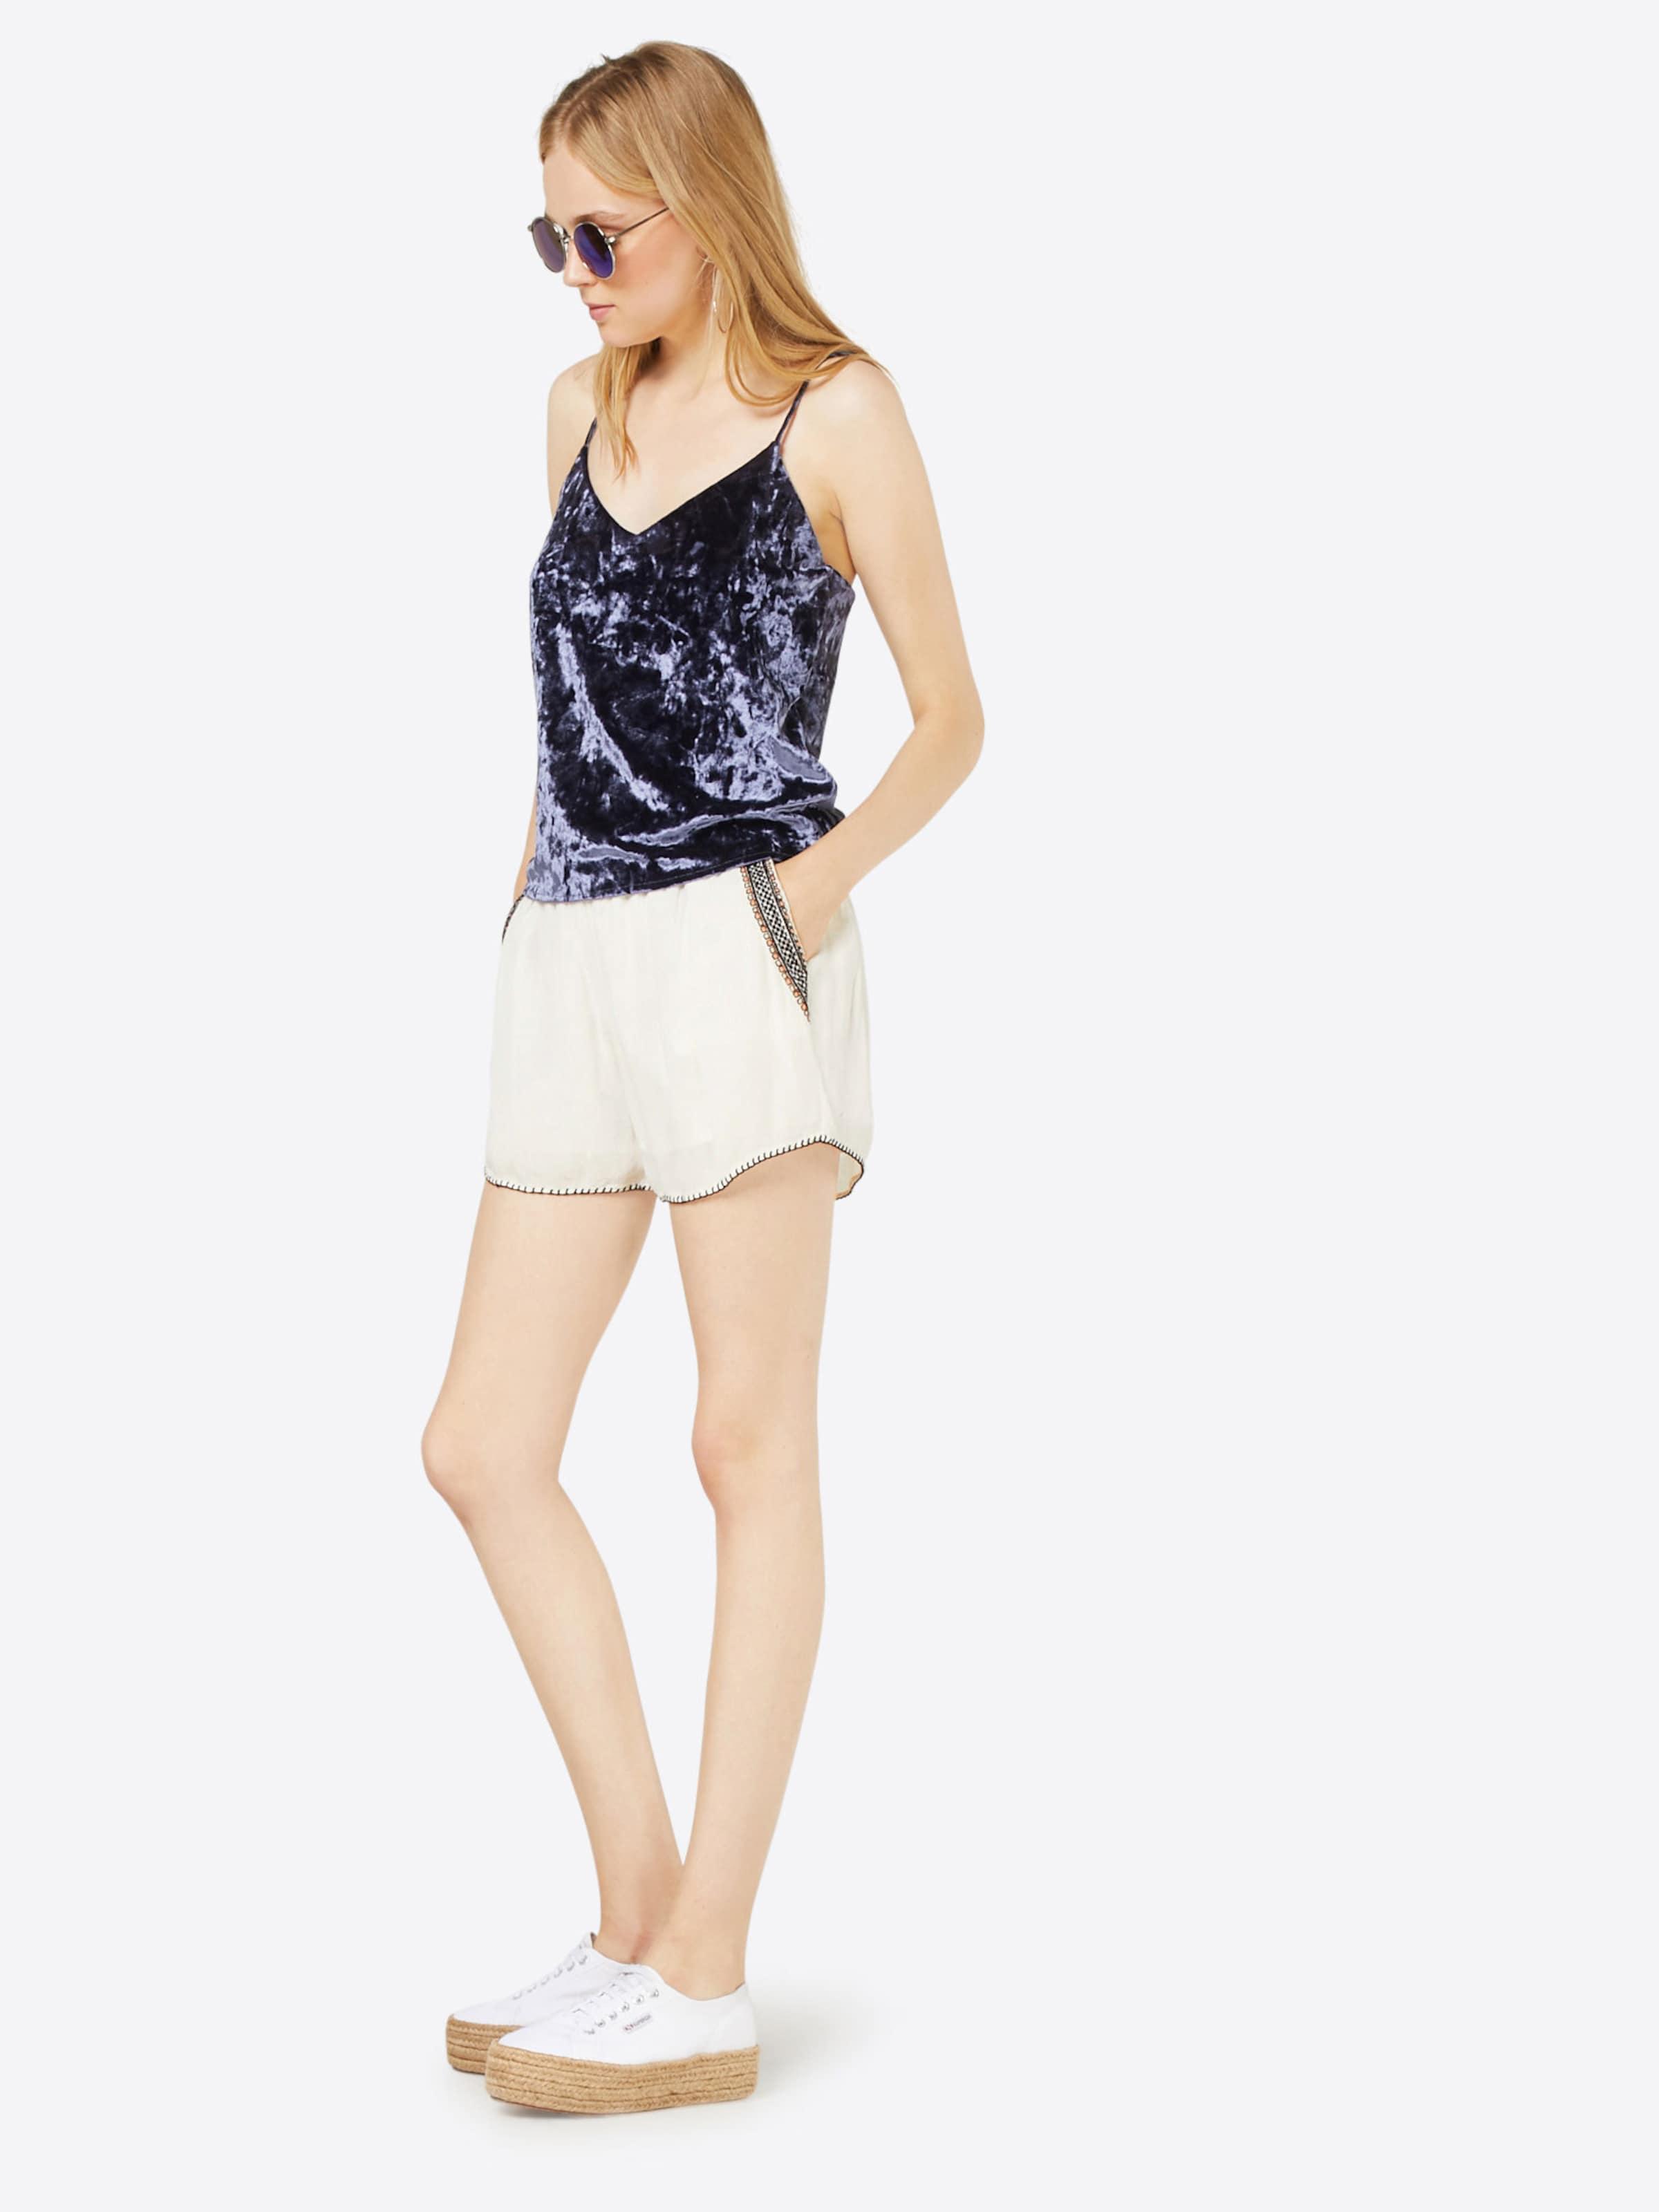 Günstiges Online-Shopping Viele Arten Von Günstiger Online VILA Shorts 'Vilomano' Großer Verkauf Kostenloser Versand oonboPTL2